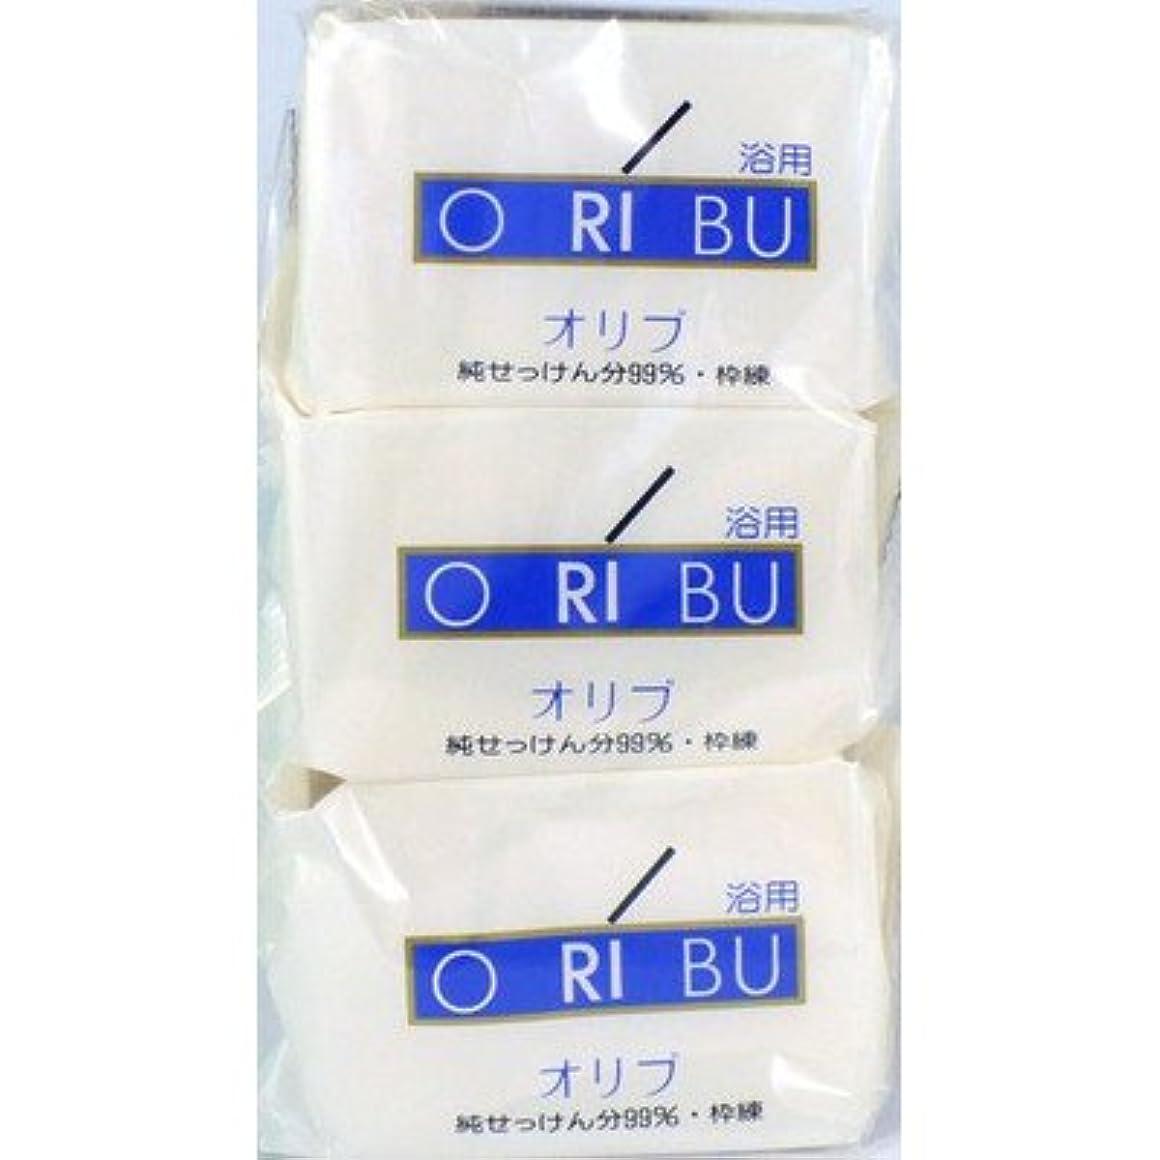 もっと降伏トムオードリース暁石鹸 ORIBU オリブ 浴用石鹸 110g 3個入り